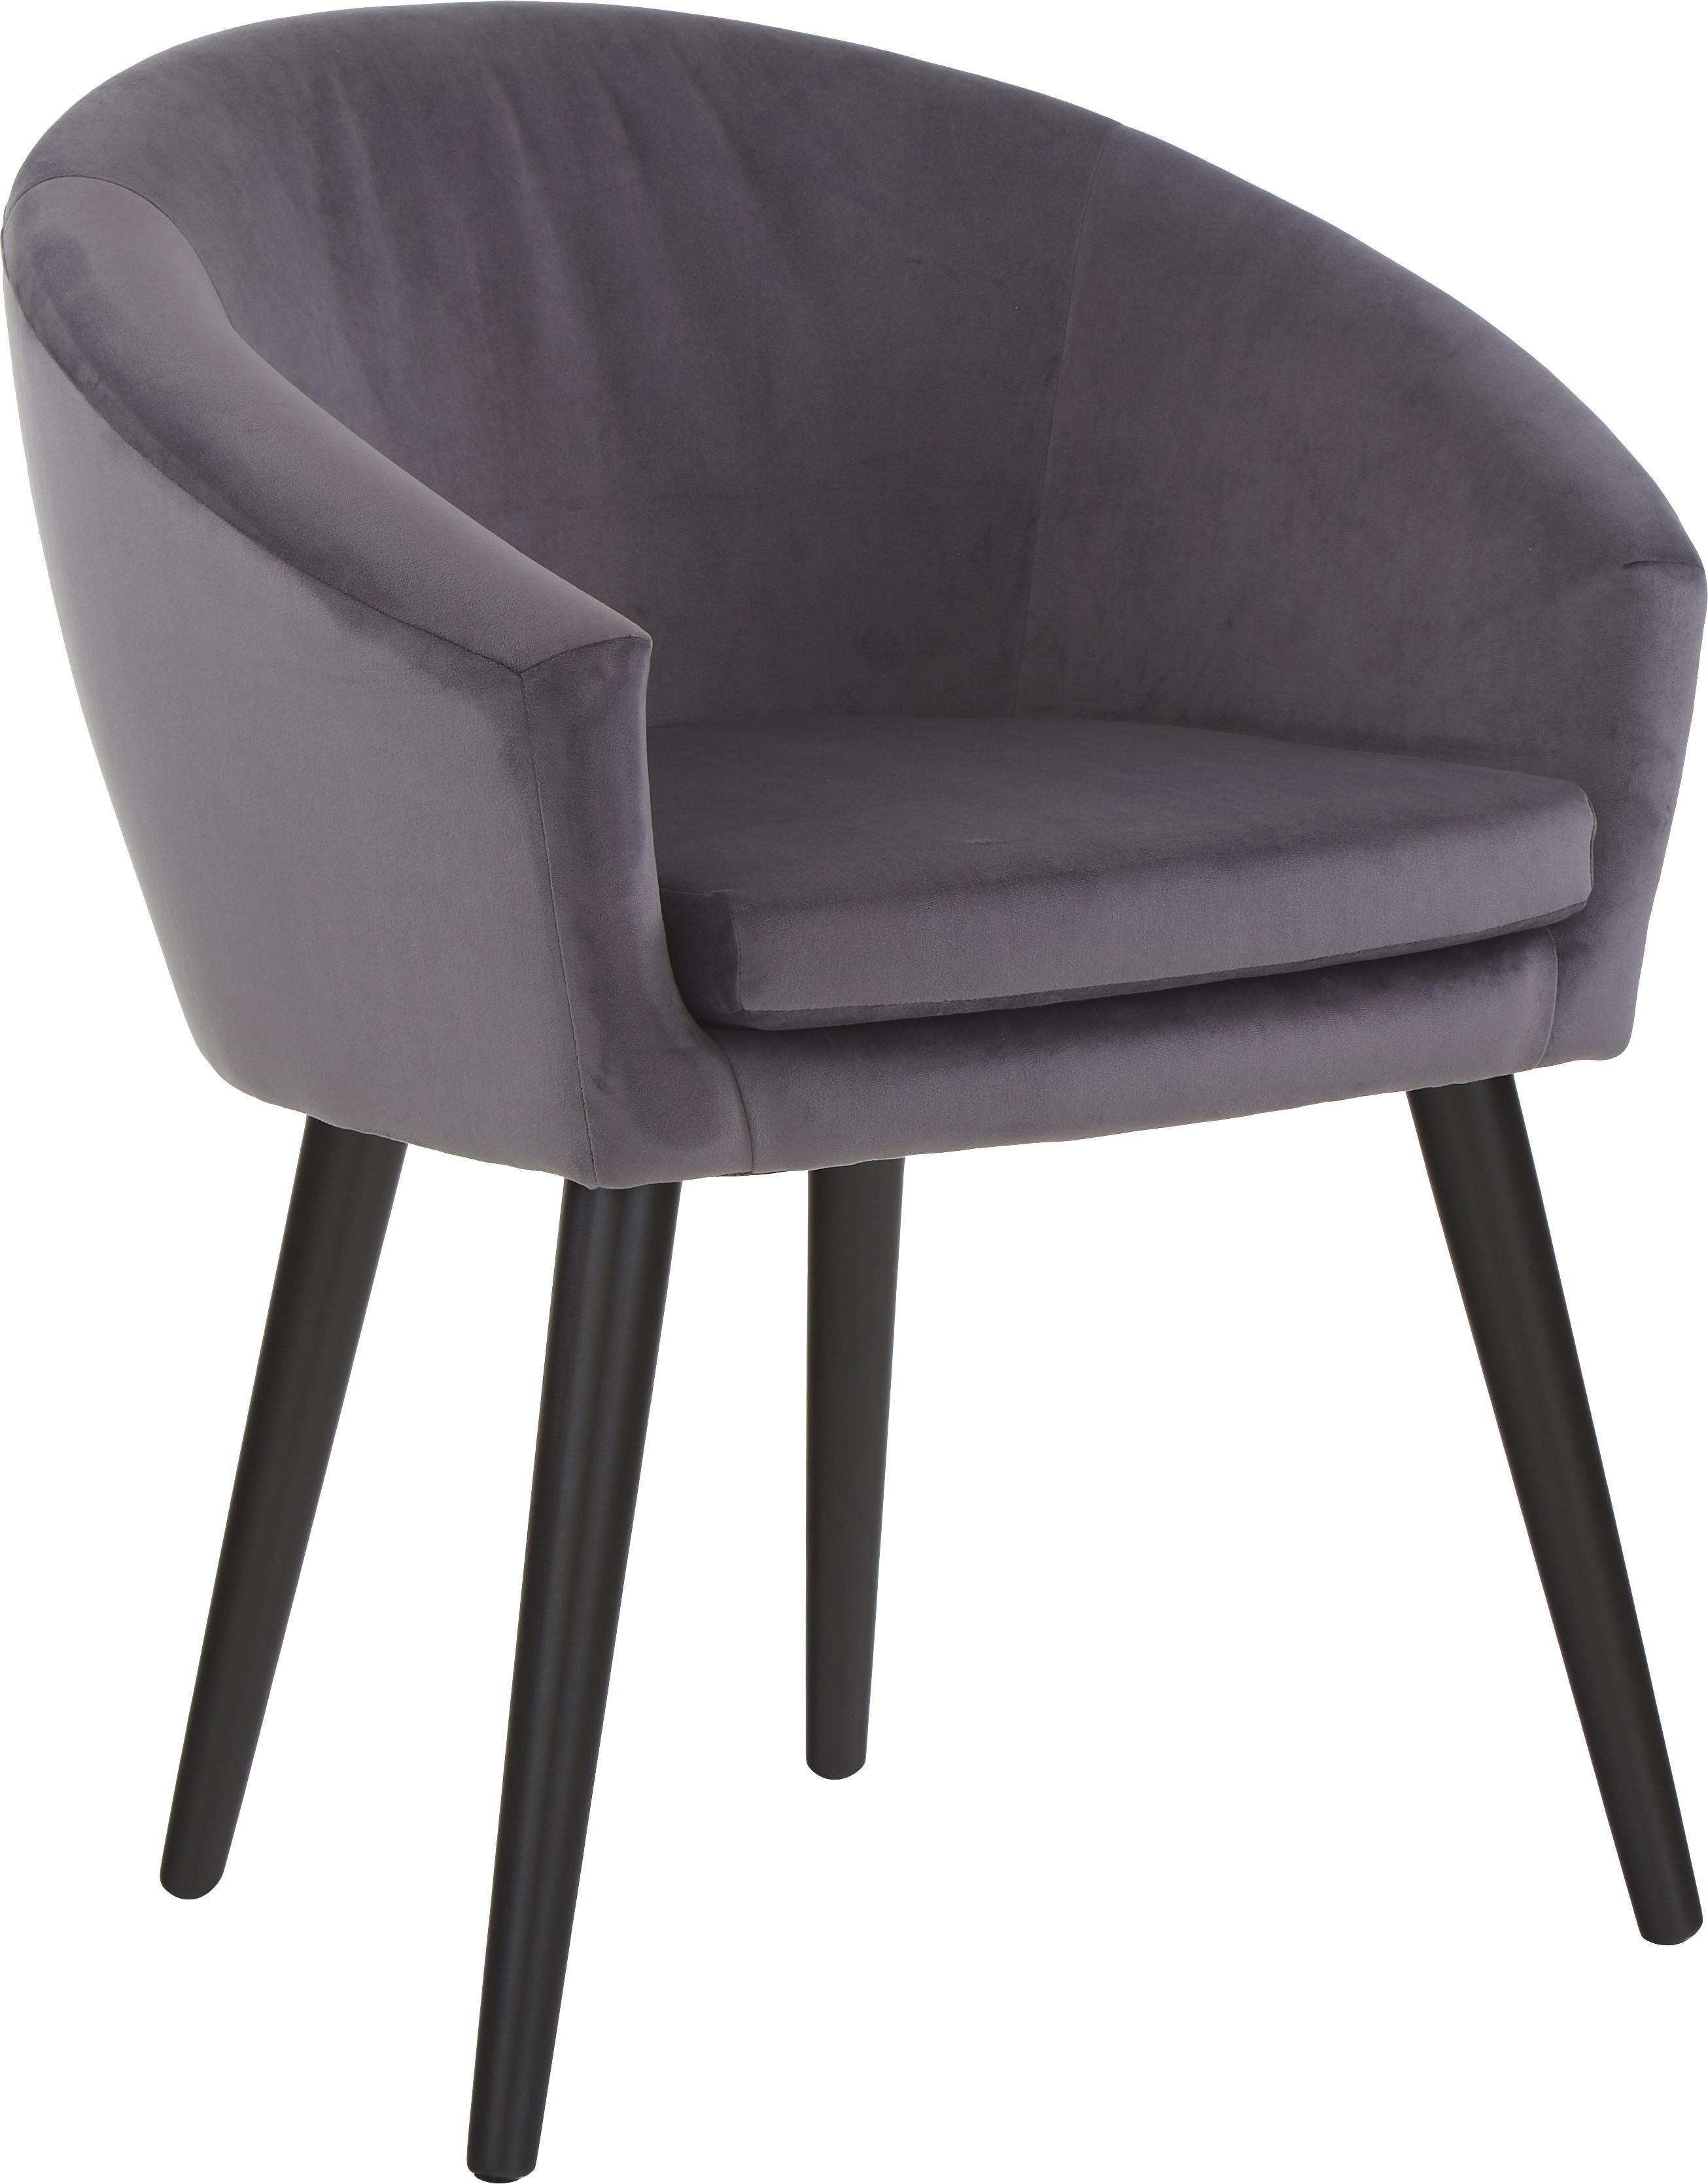 Sedia con braccioli in velluto grigio Lino, Rivestimento: poliestere (velluto), Piedini: legno verniciato, Velluto grigio scuro, Larg. 75 x Prof. 66 cm